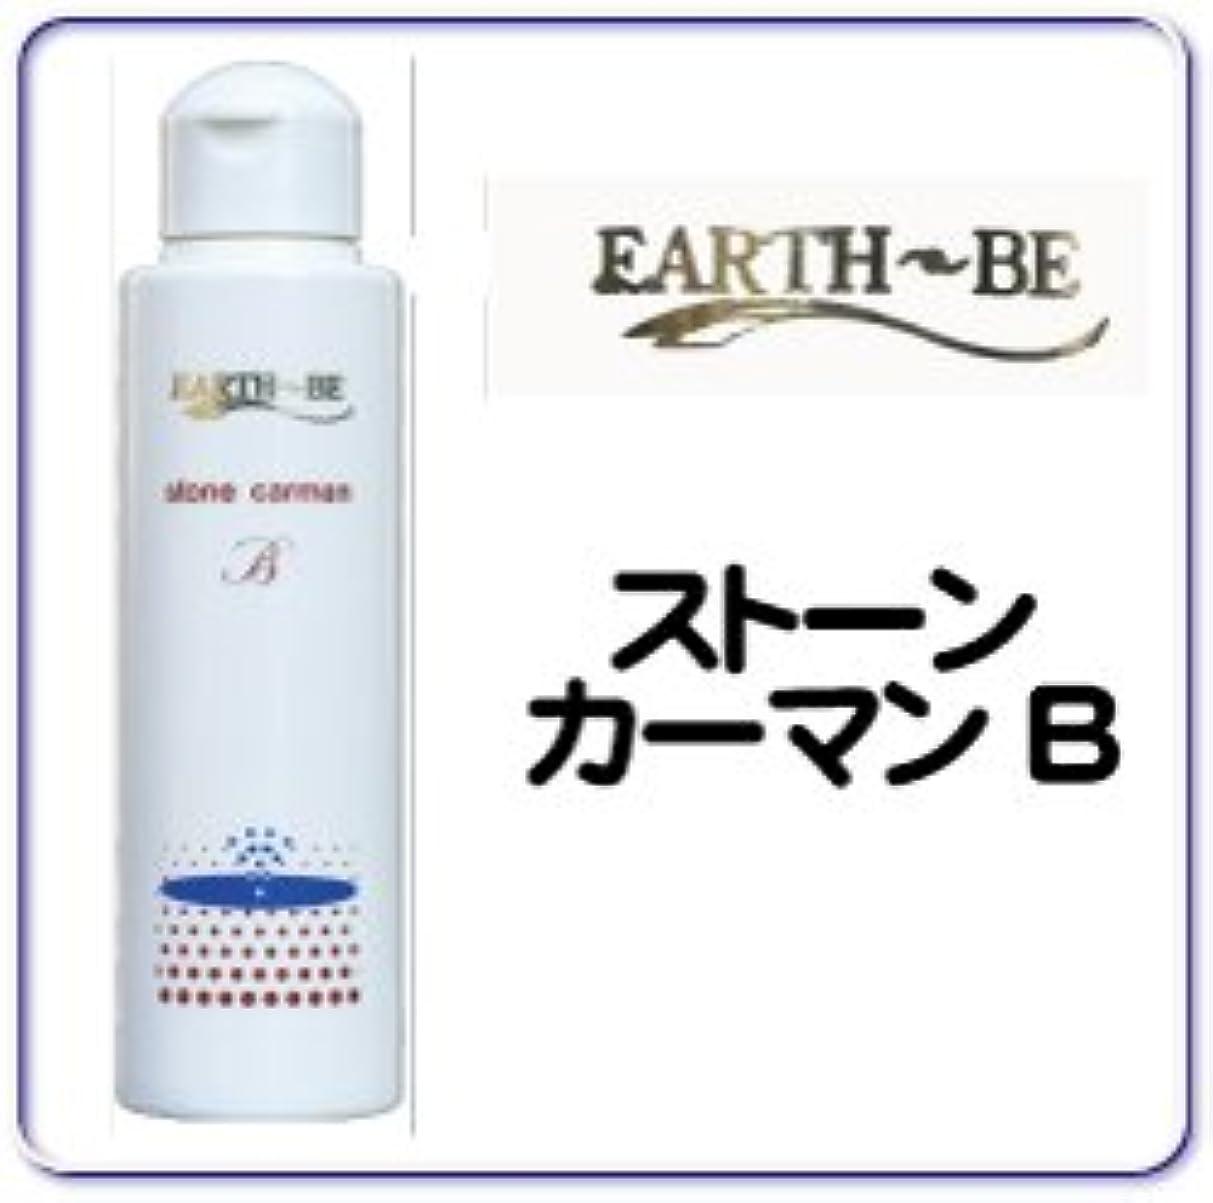 暗黙不適マーキングベルマン化粧品 EARTH-Bシリーズ  アースビ ストーン カーマンB  120ml 化粧水